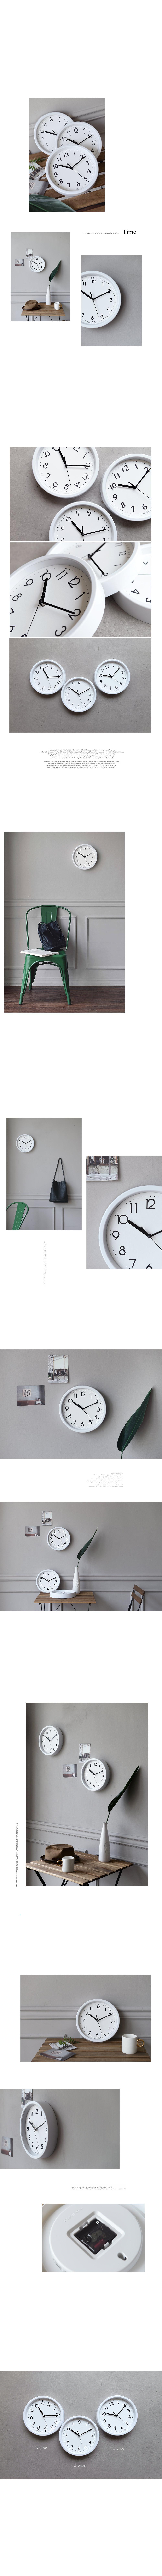 250파이 모던라운드 저소음 벽시계(3style) - 안나하우스, 15,500원, 벽시계, 디자인벽시계